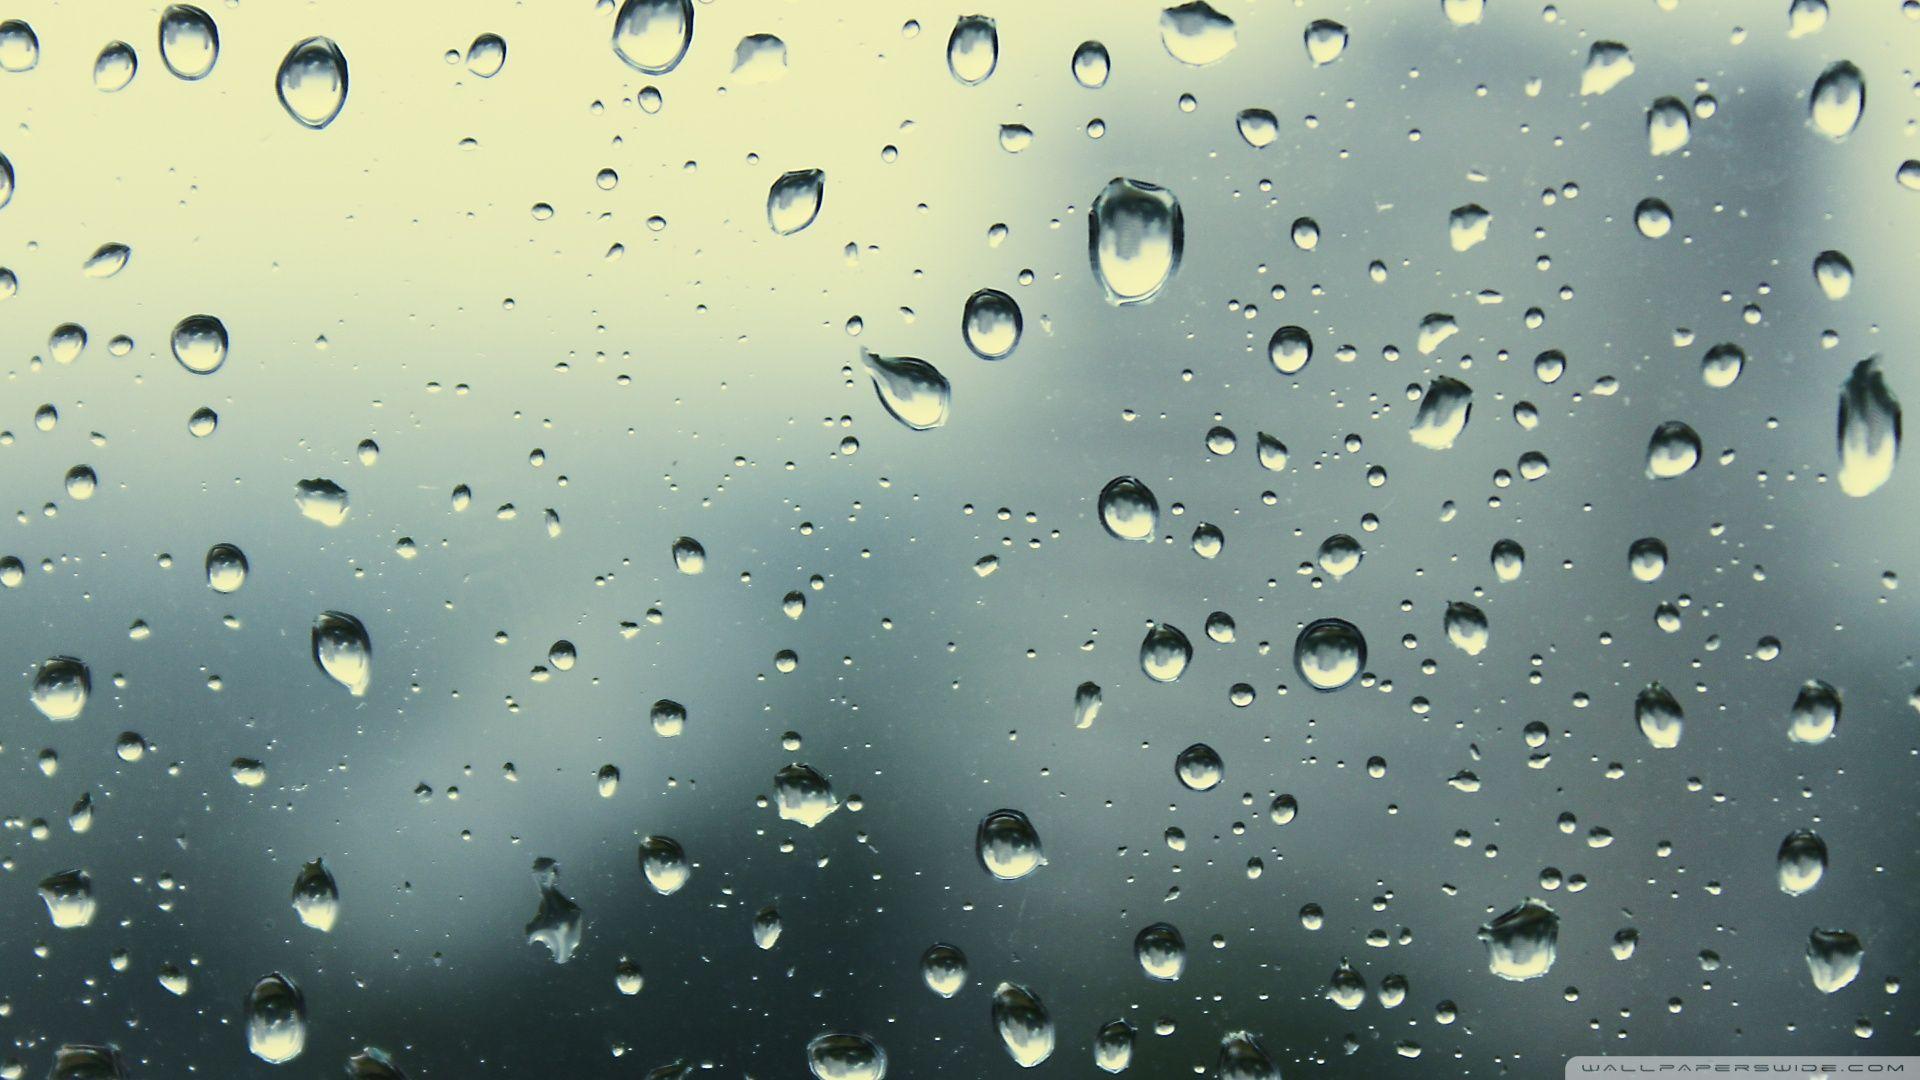 Rain Drops Hd Wallpapers Wallpaper Cave